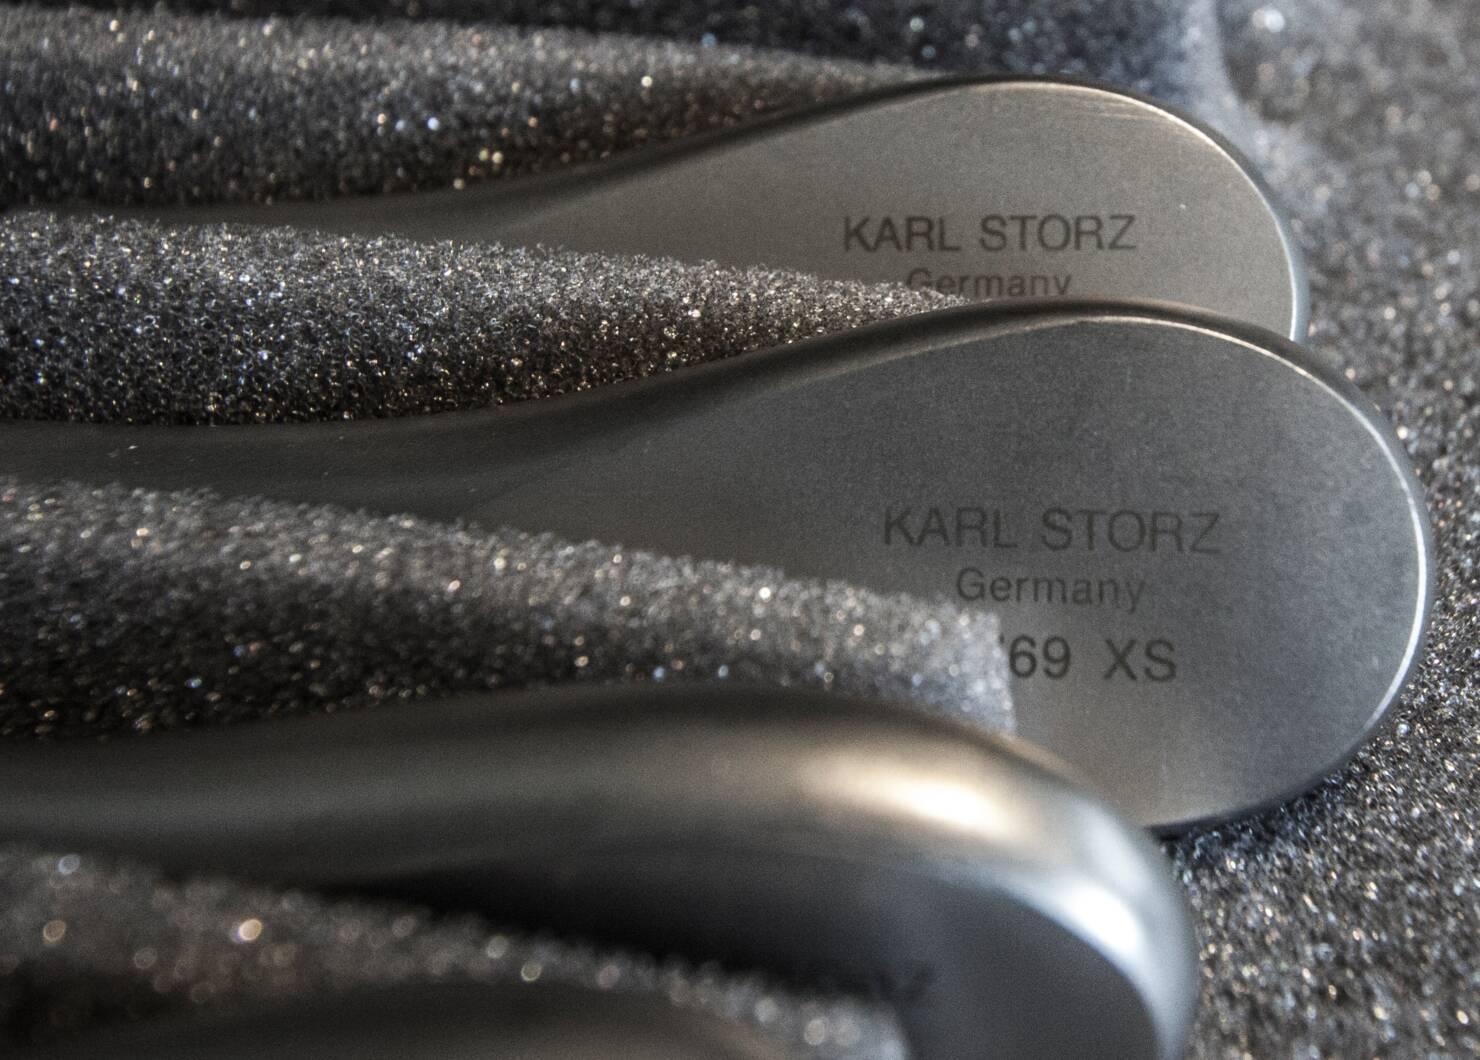 Voici du matériel endoscopique de Karl Storz